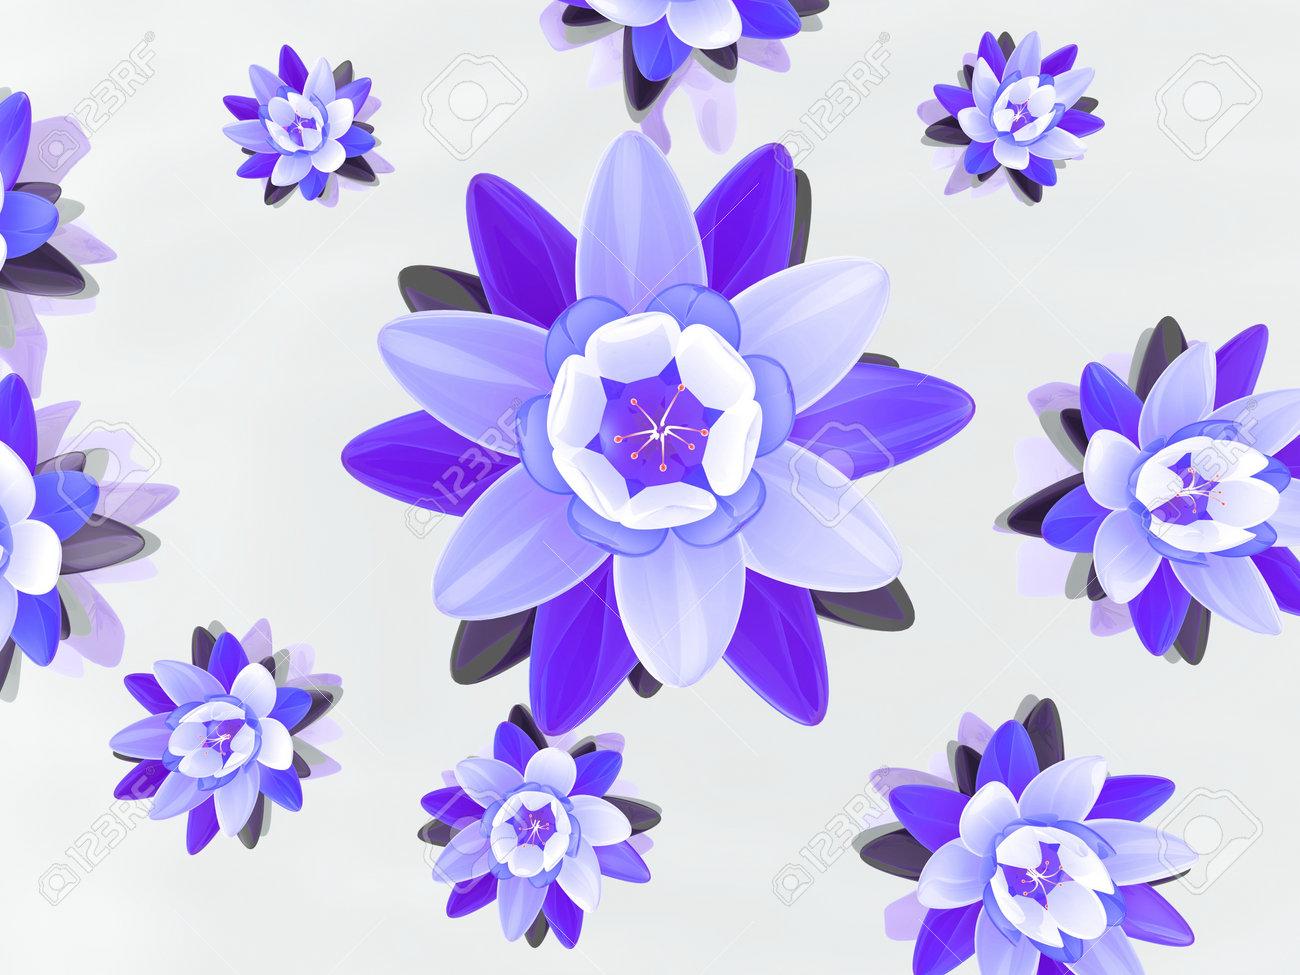 lotus flowers Stock Photo - 7165142